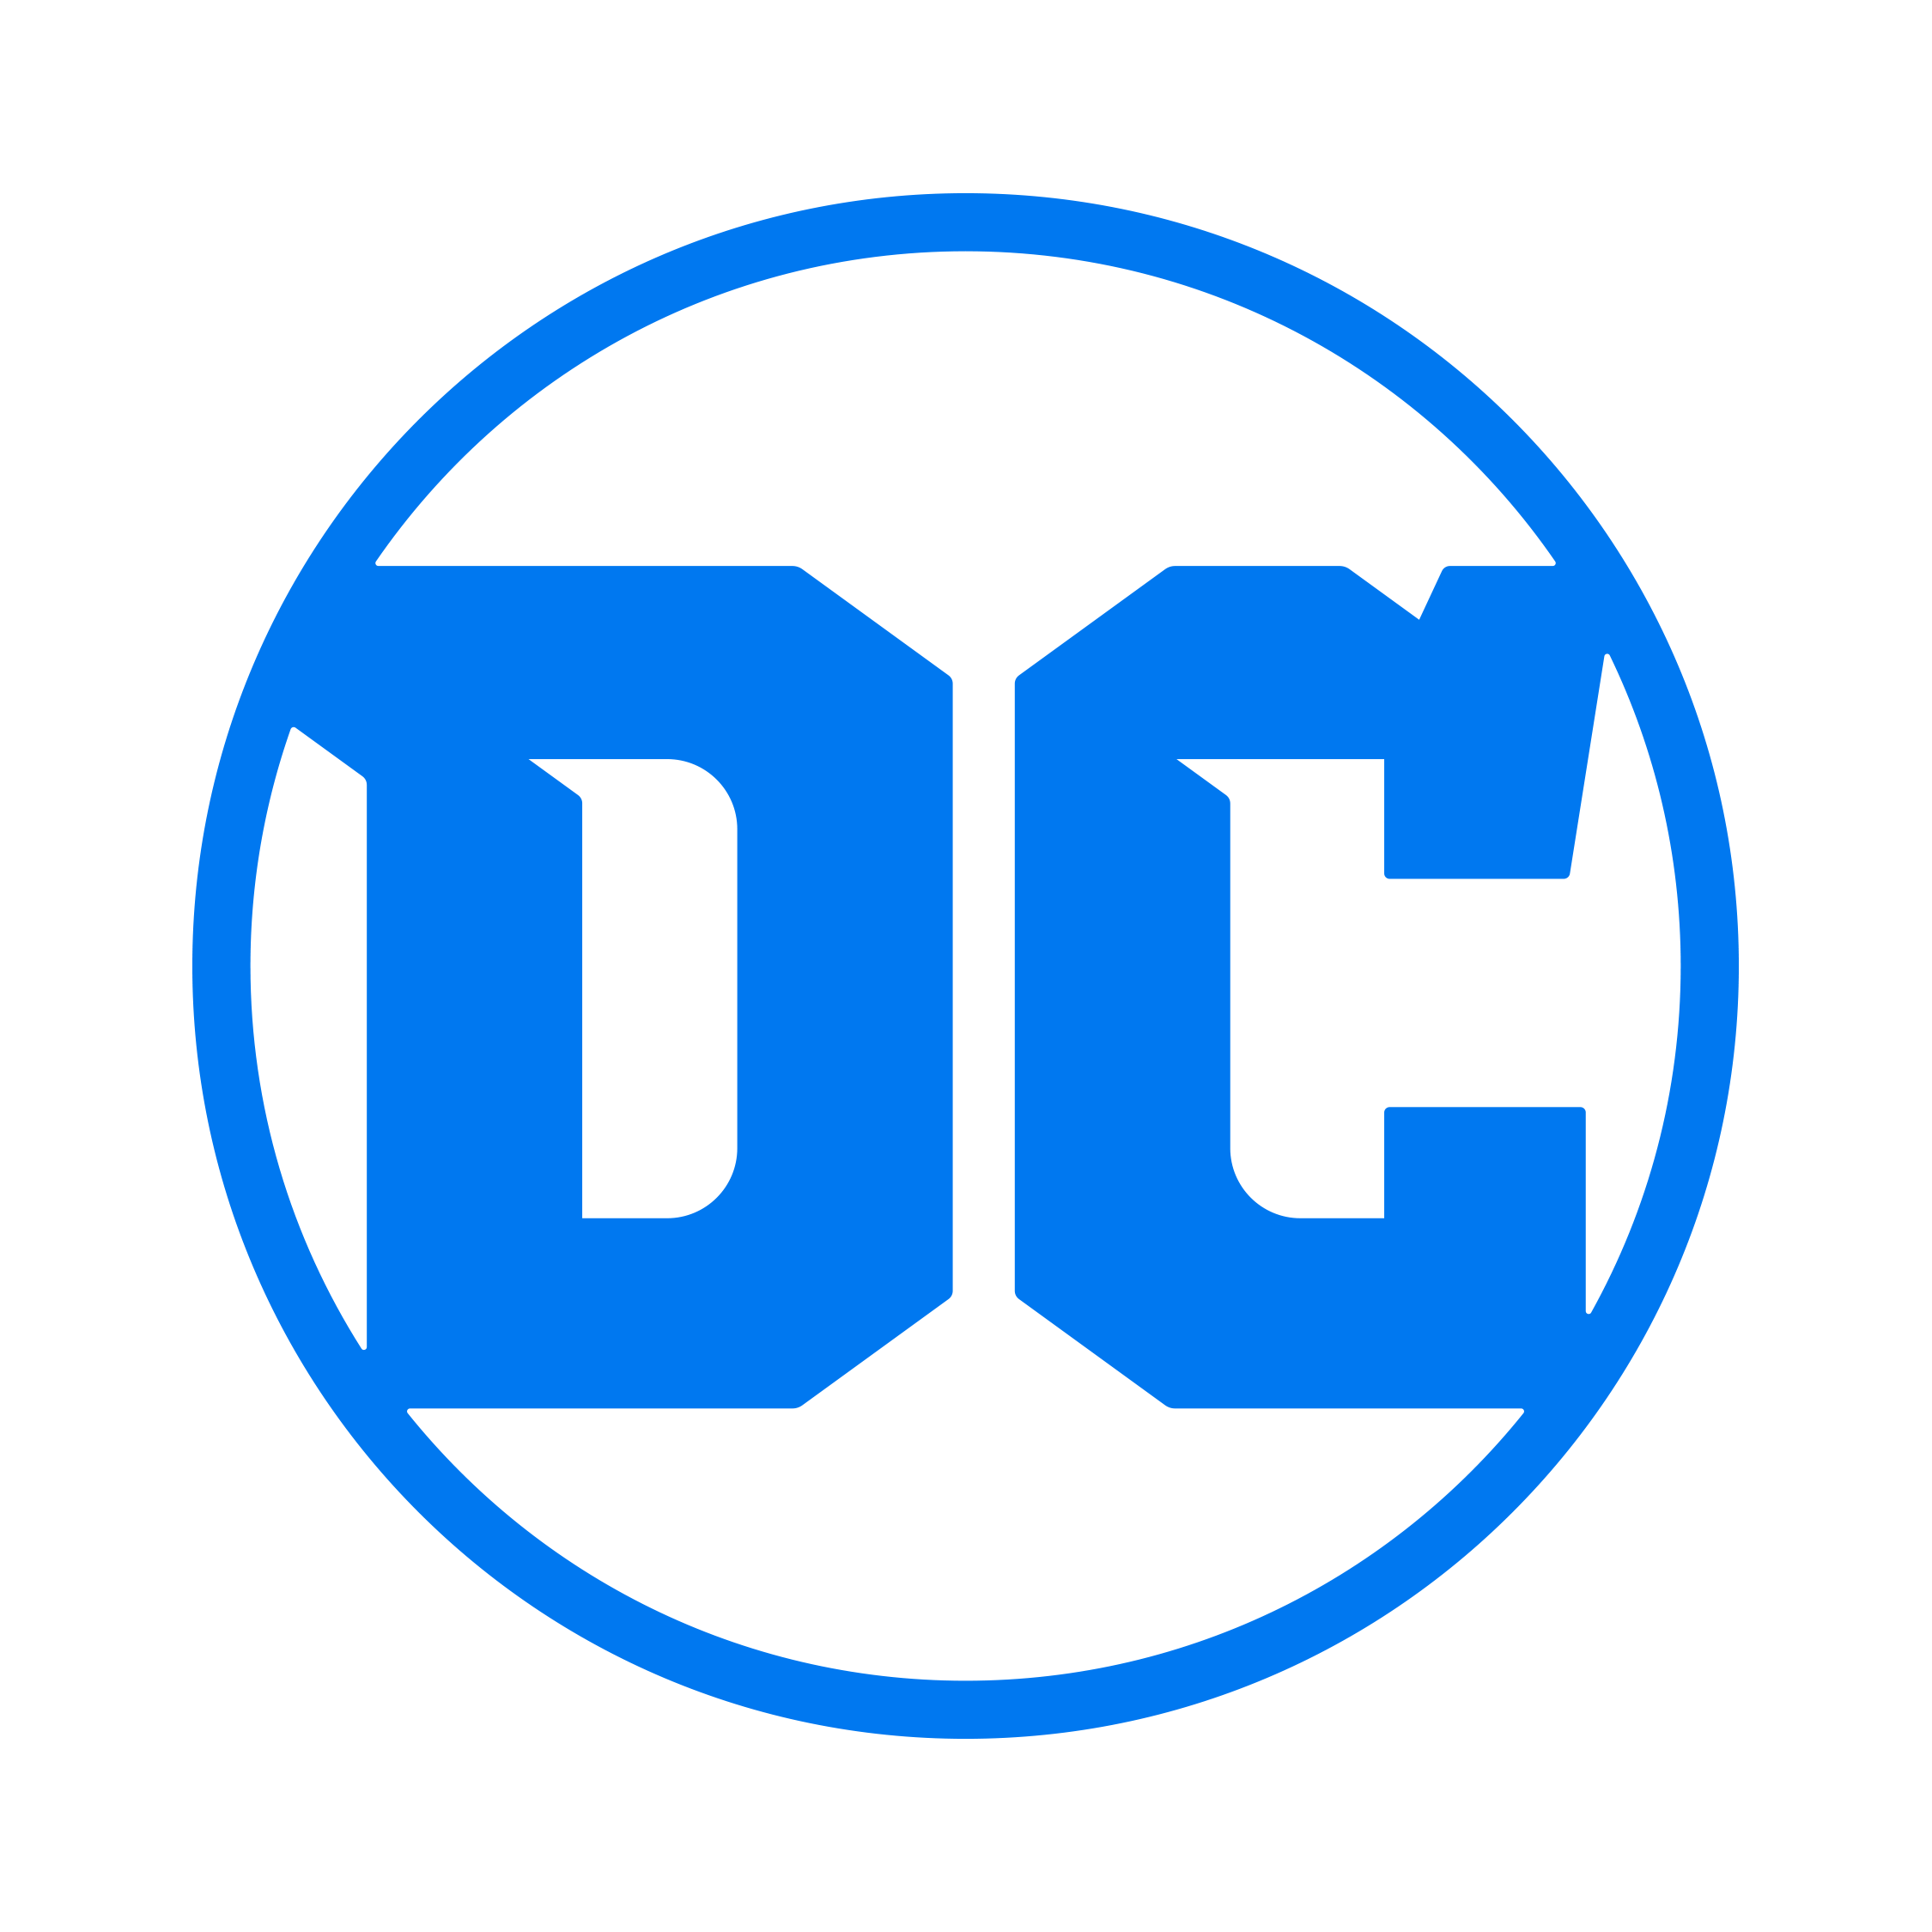 漫迷福音!电魂宣布与华纳兄弟合作 开发DC主题手游图片3